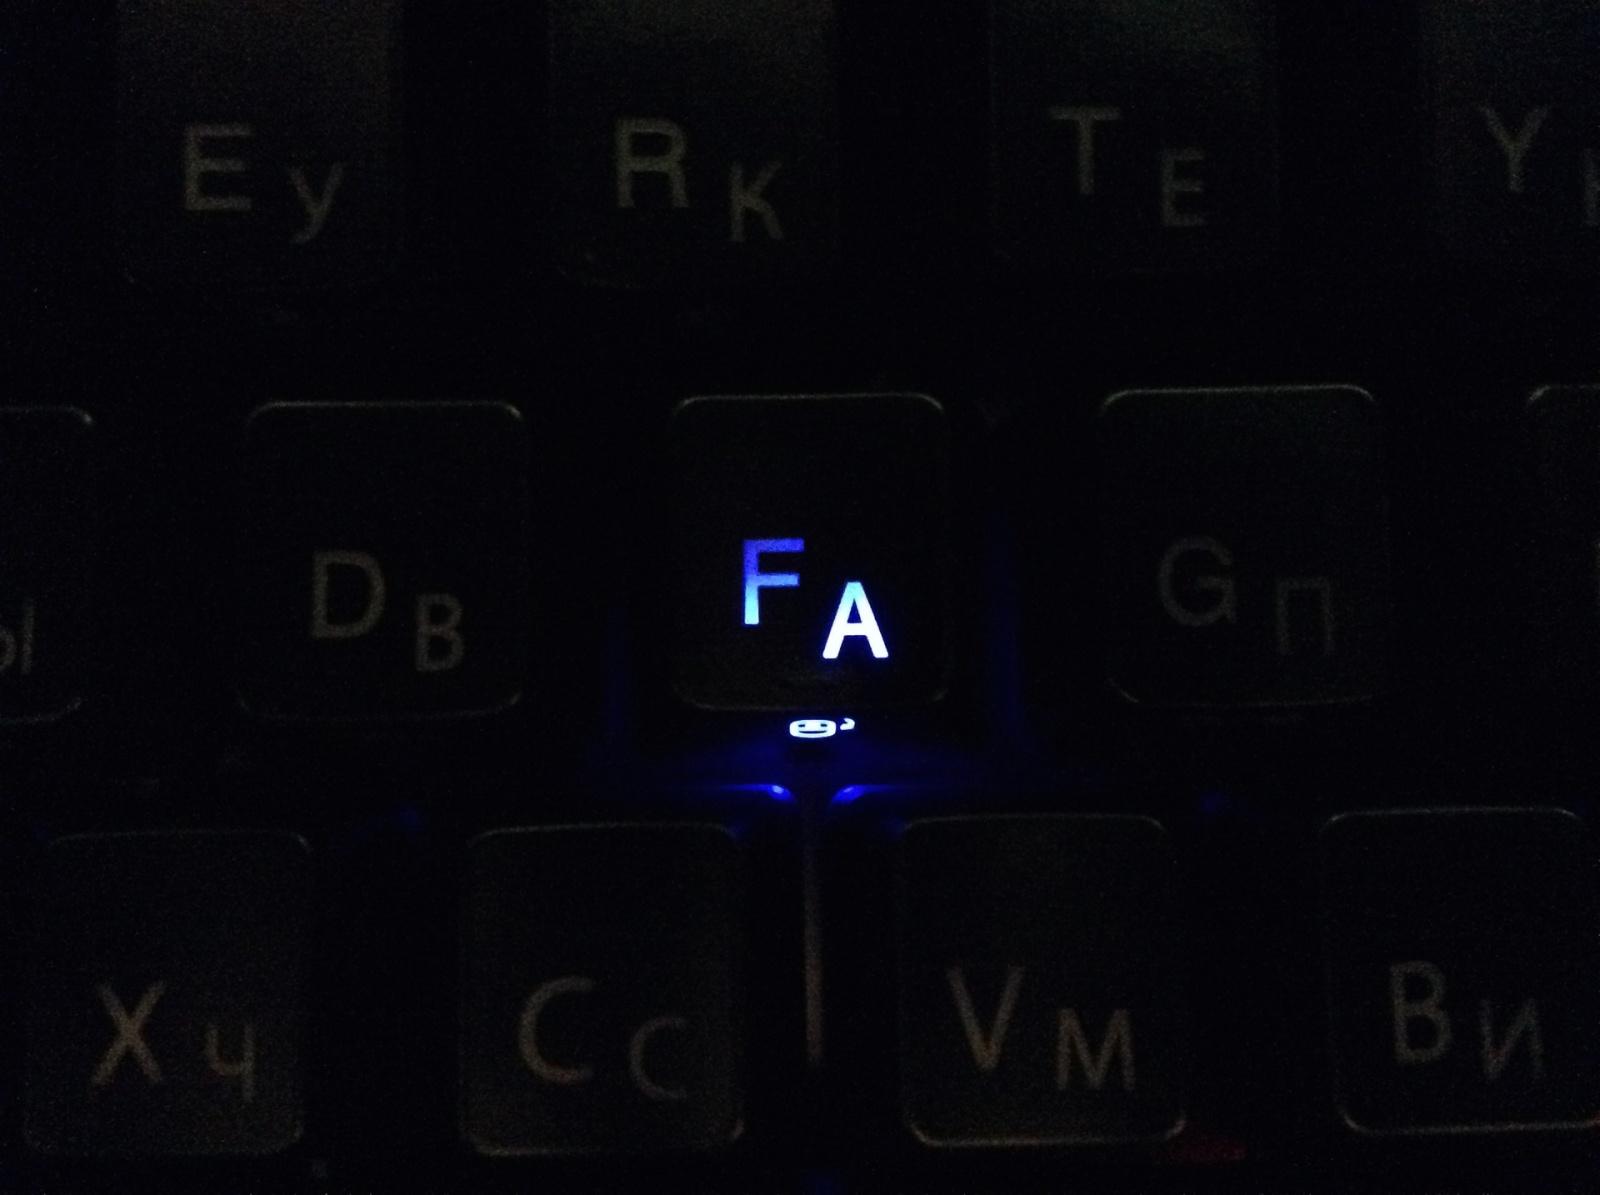 Обзор мини-клавиатуры Ducky Mini - 14